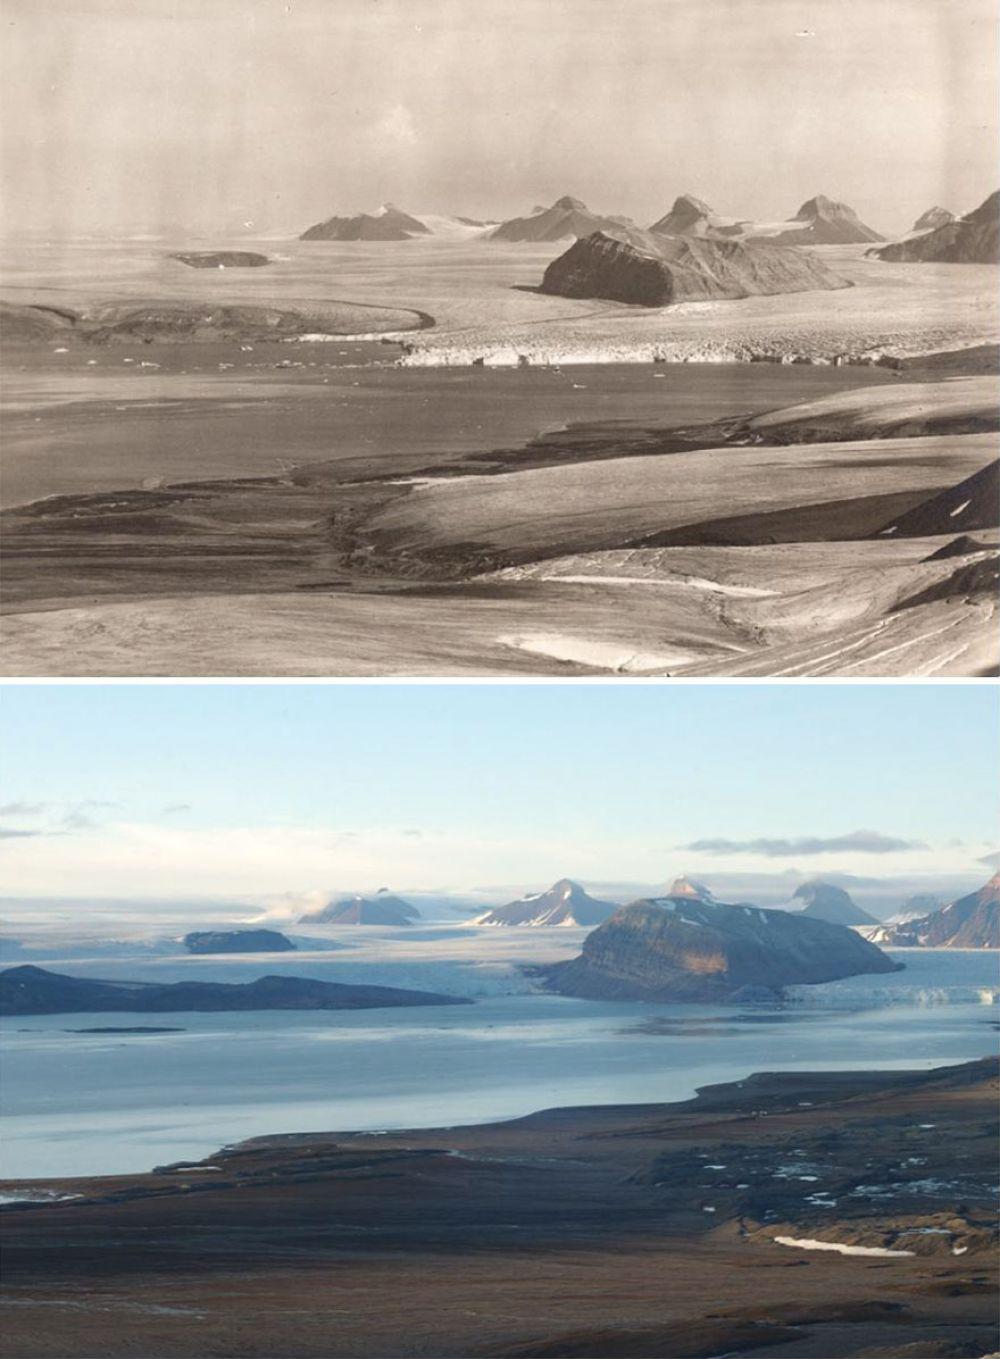 В начале прошлого века архипелаг Шпицберген почти полностью был покрыт льдом